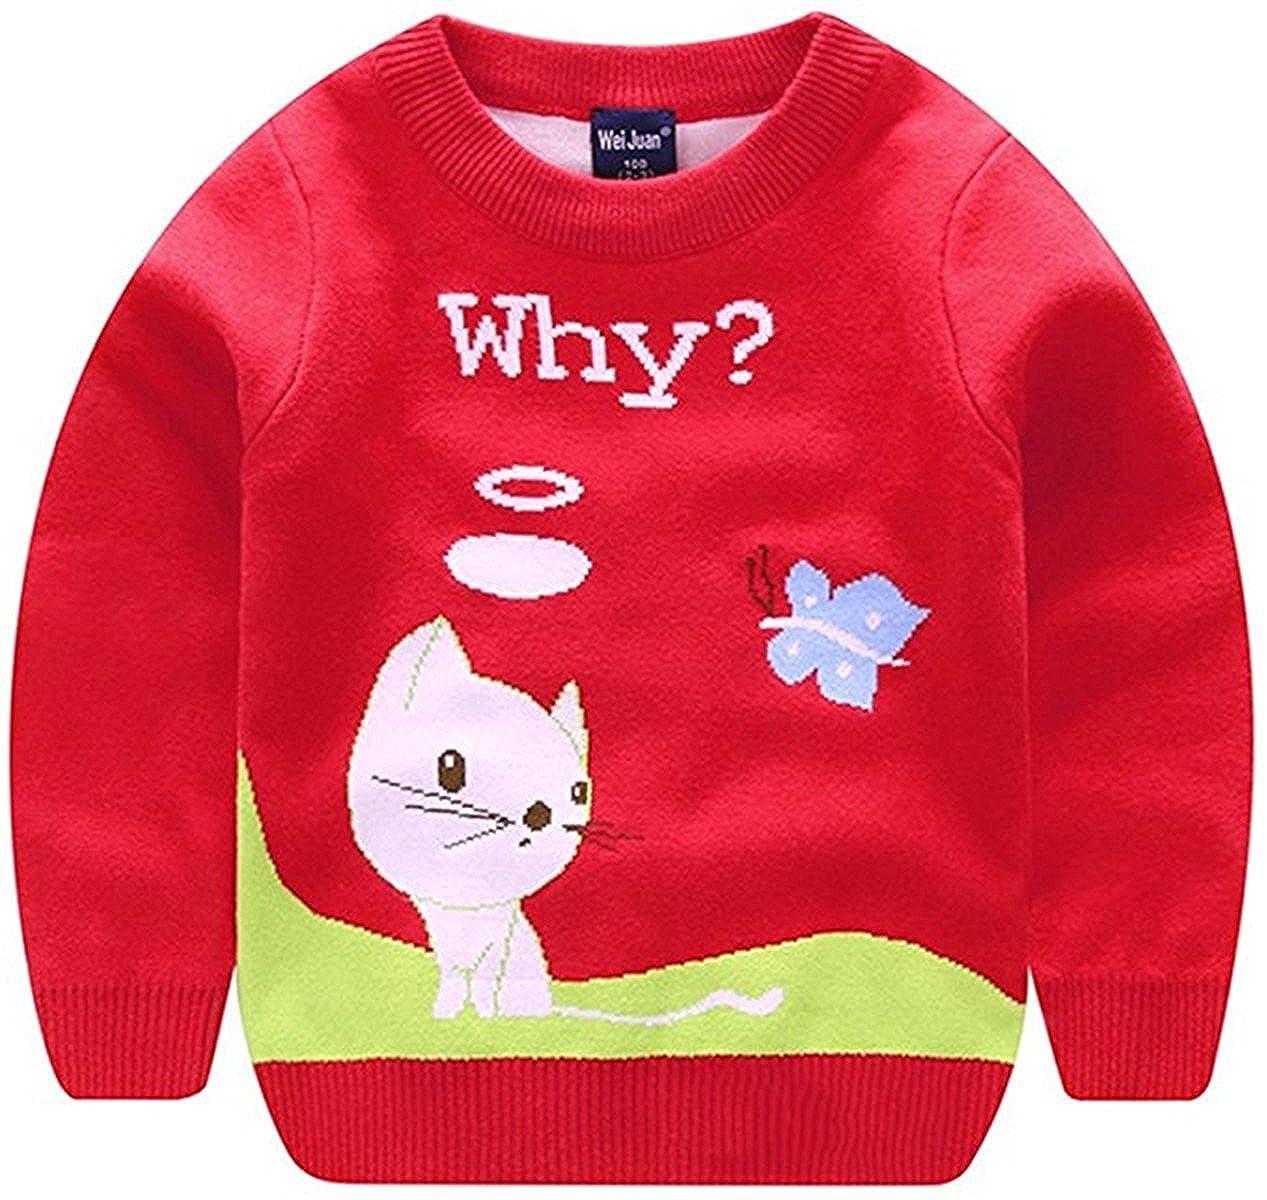 Unisex Kids Baby Winter Cotton Knit Cat Round Neck Pullover Sweater Sweatshirt Outwear 1-6T